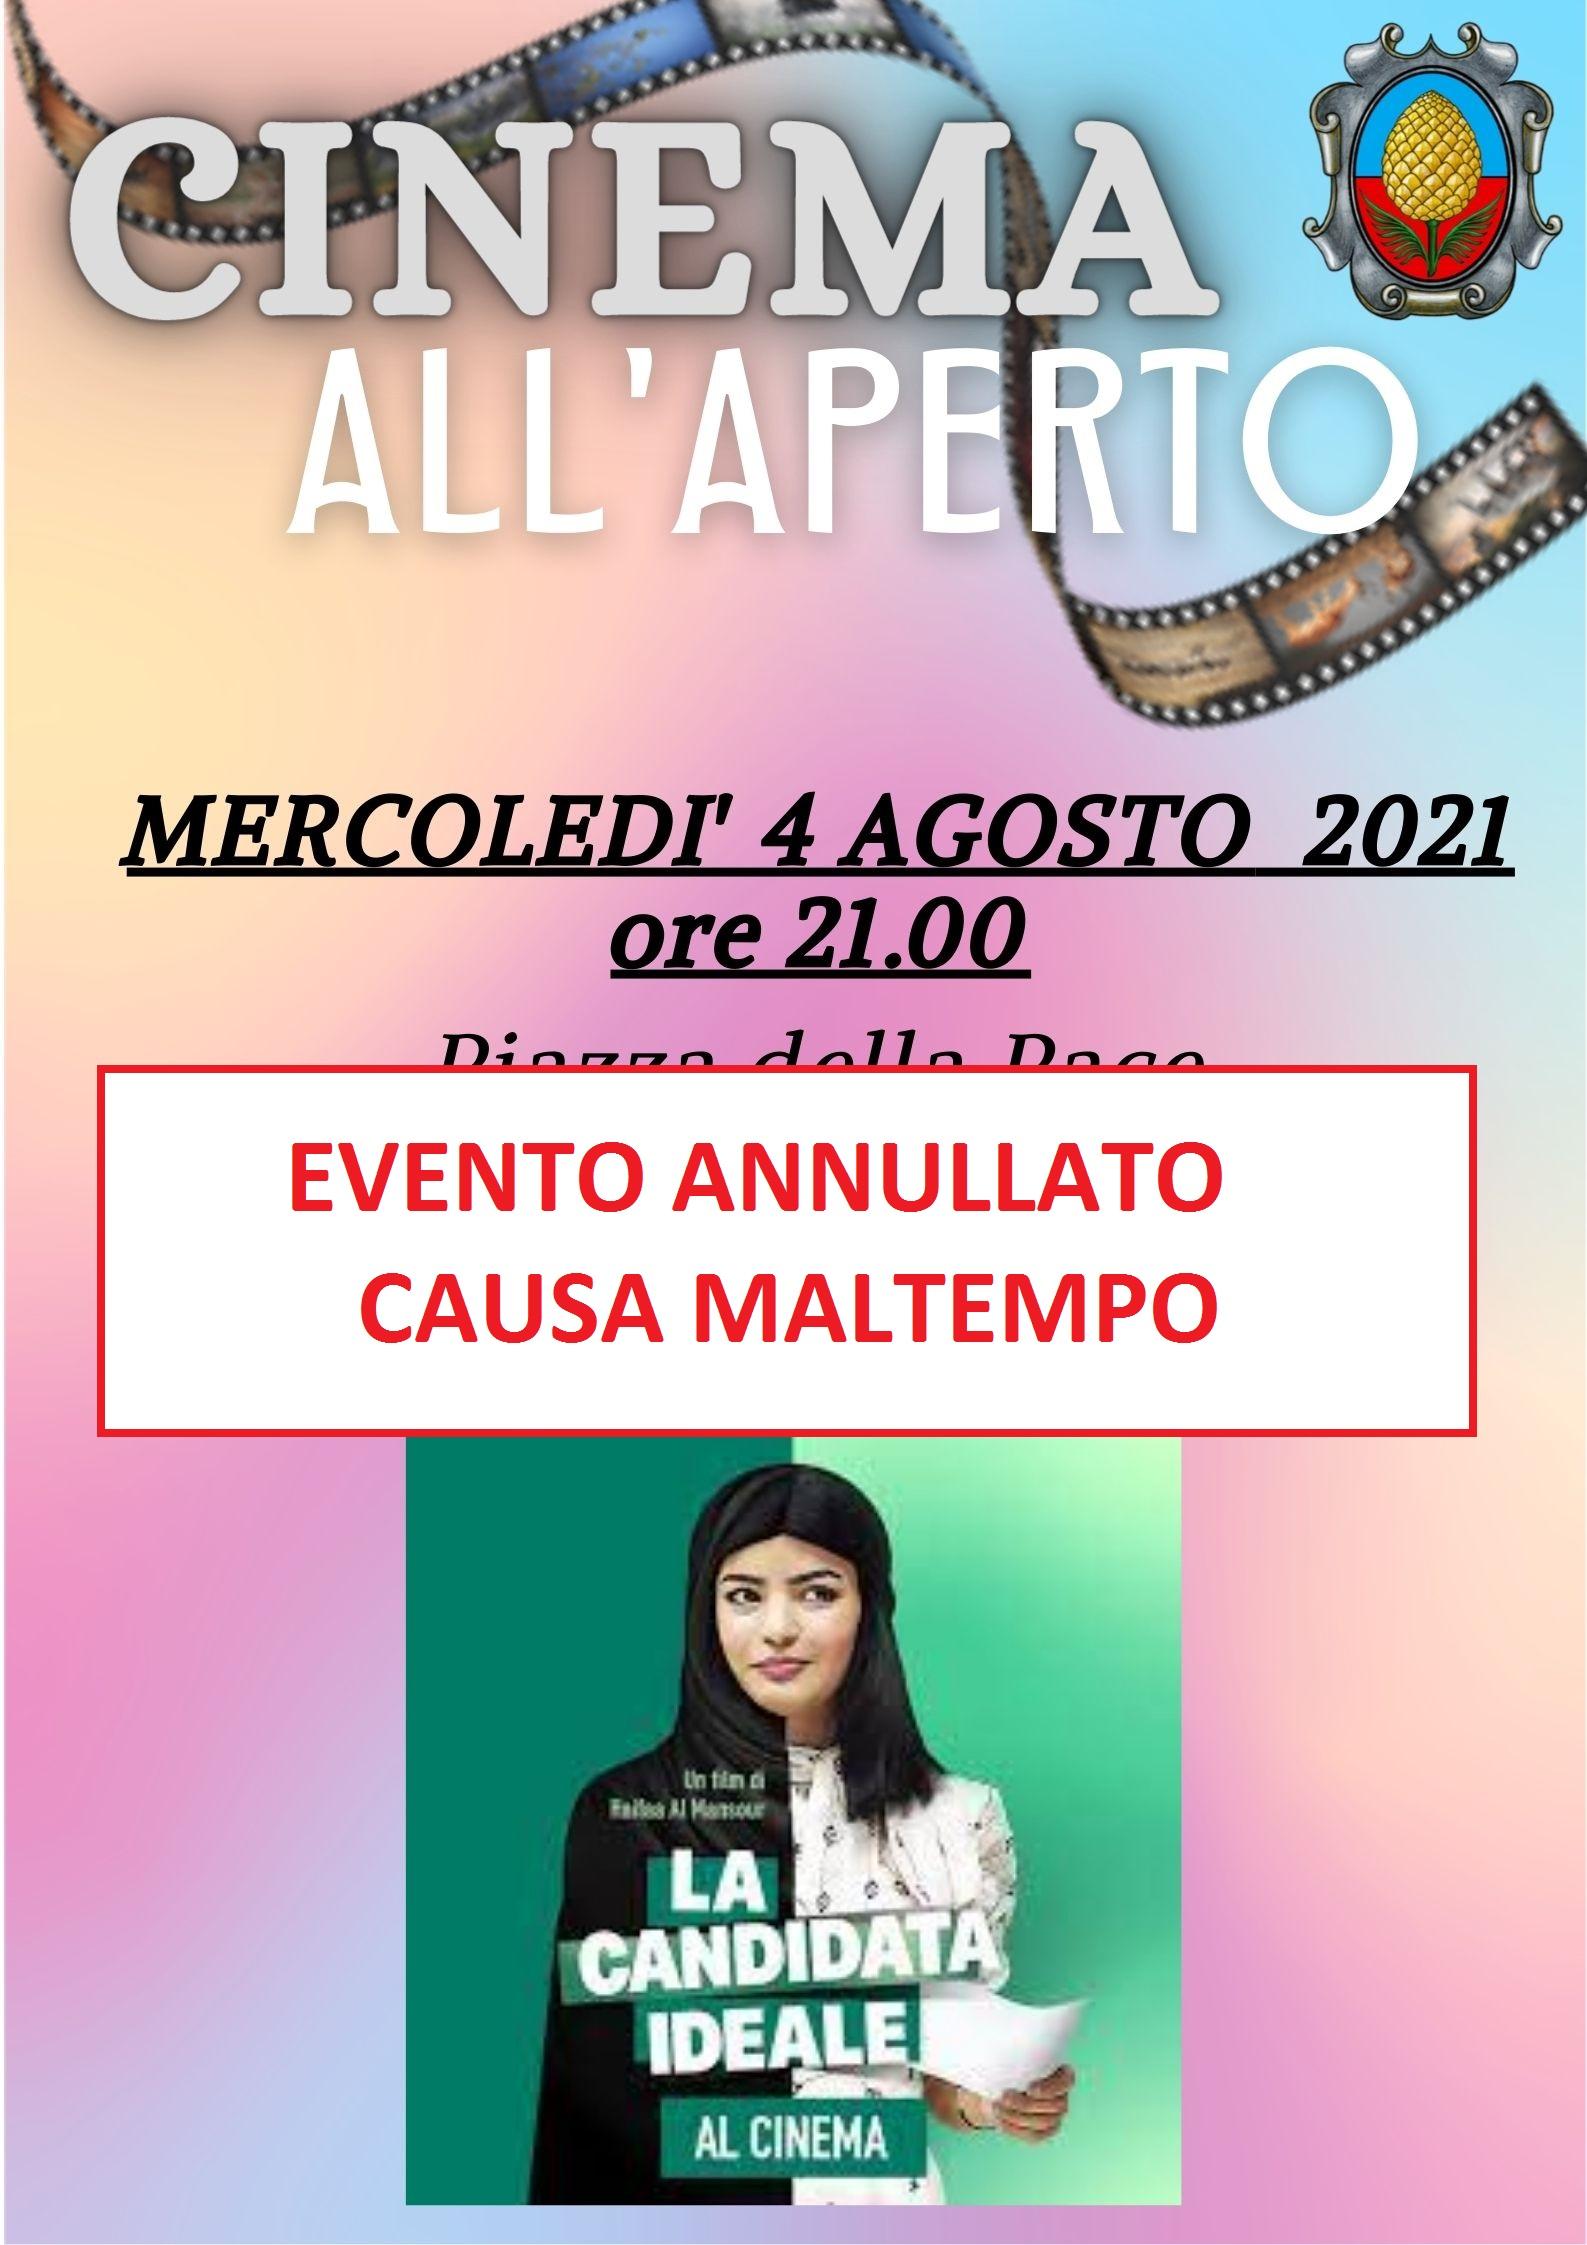 EVENTO ANNULLATO CAUSA MALTEMPO - Cinema all'aperto – mercoledì 4 agosto 2021